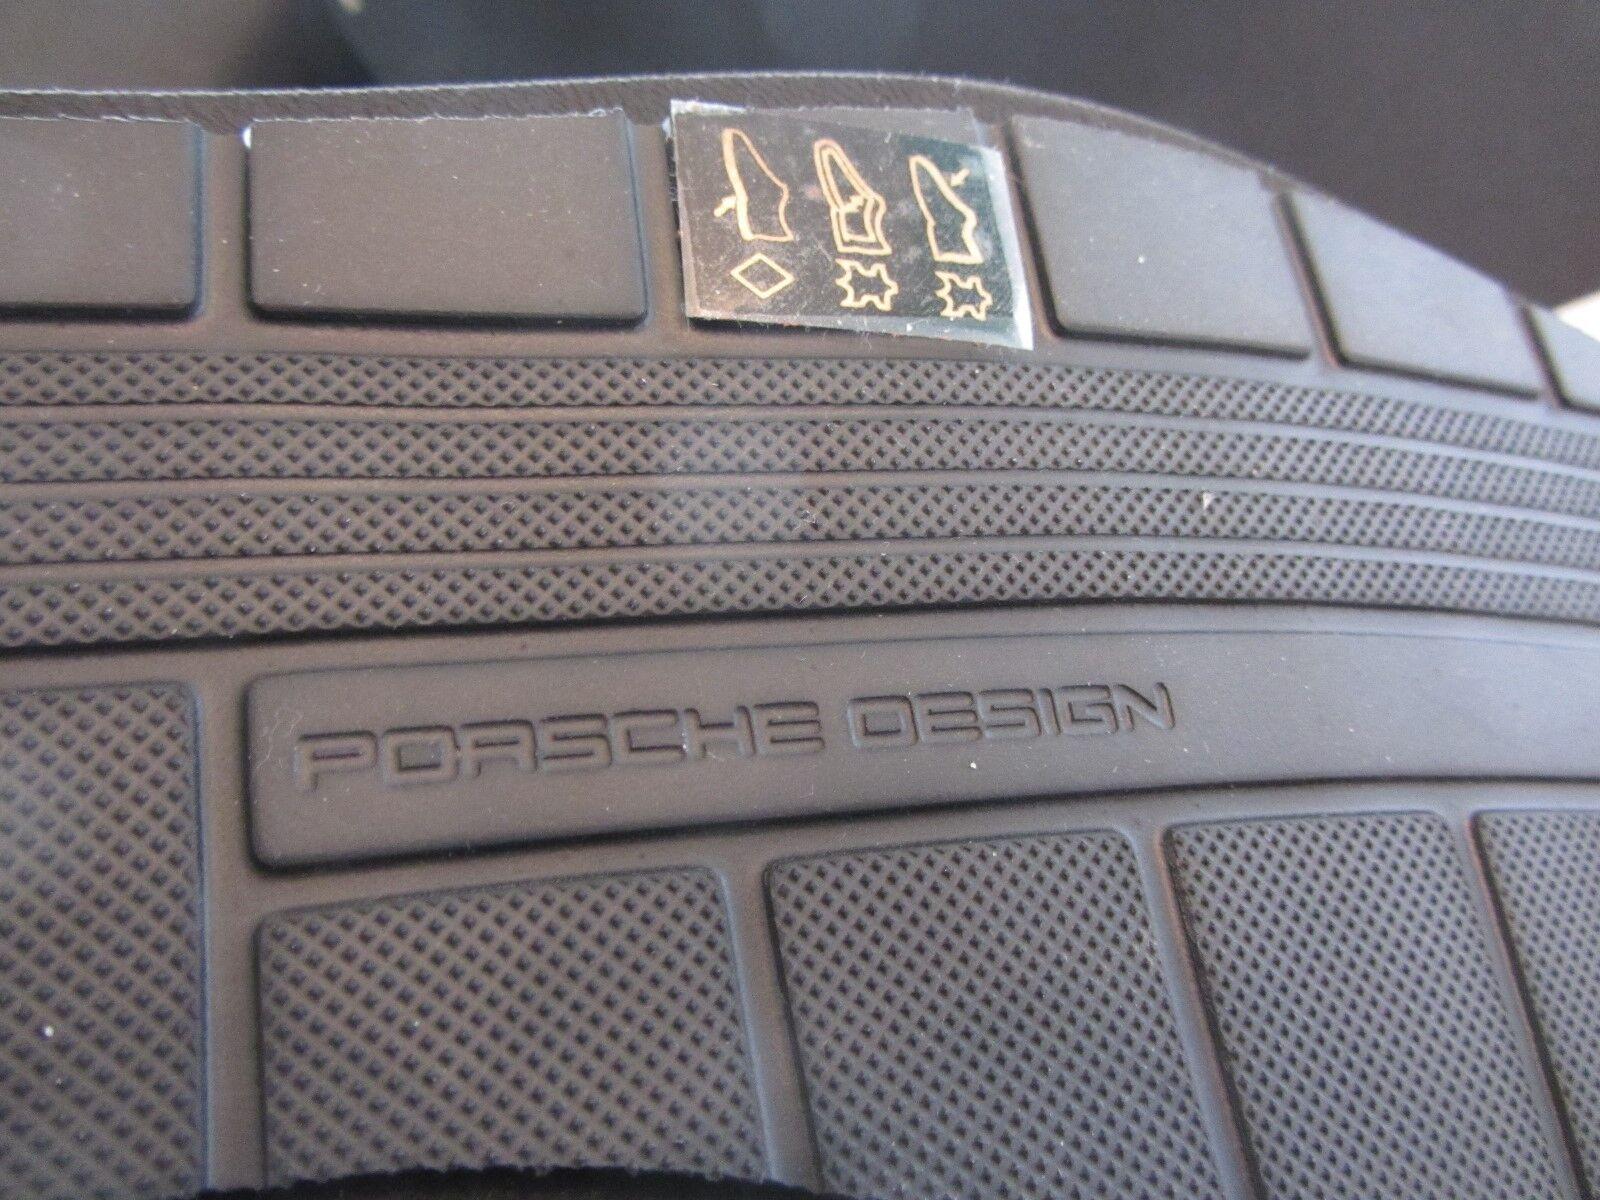 PORSCHE PORSCHE PORSCHE DESIGN P' 1700 MAINE ML7 dark green 46